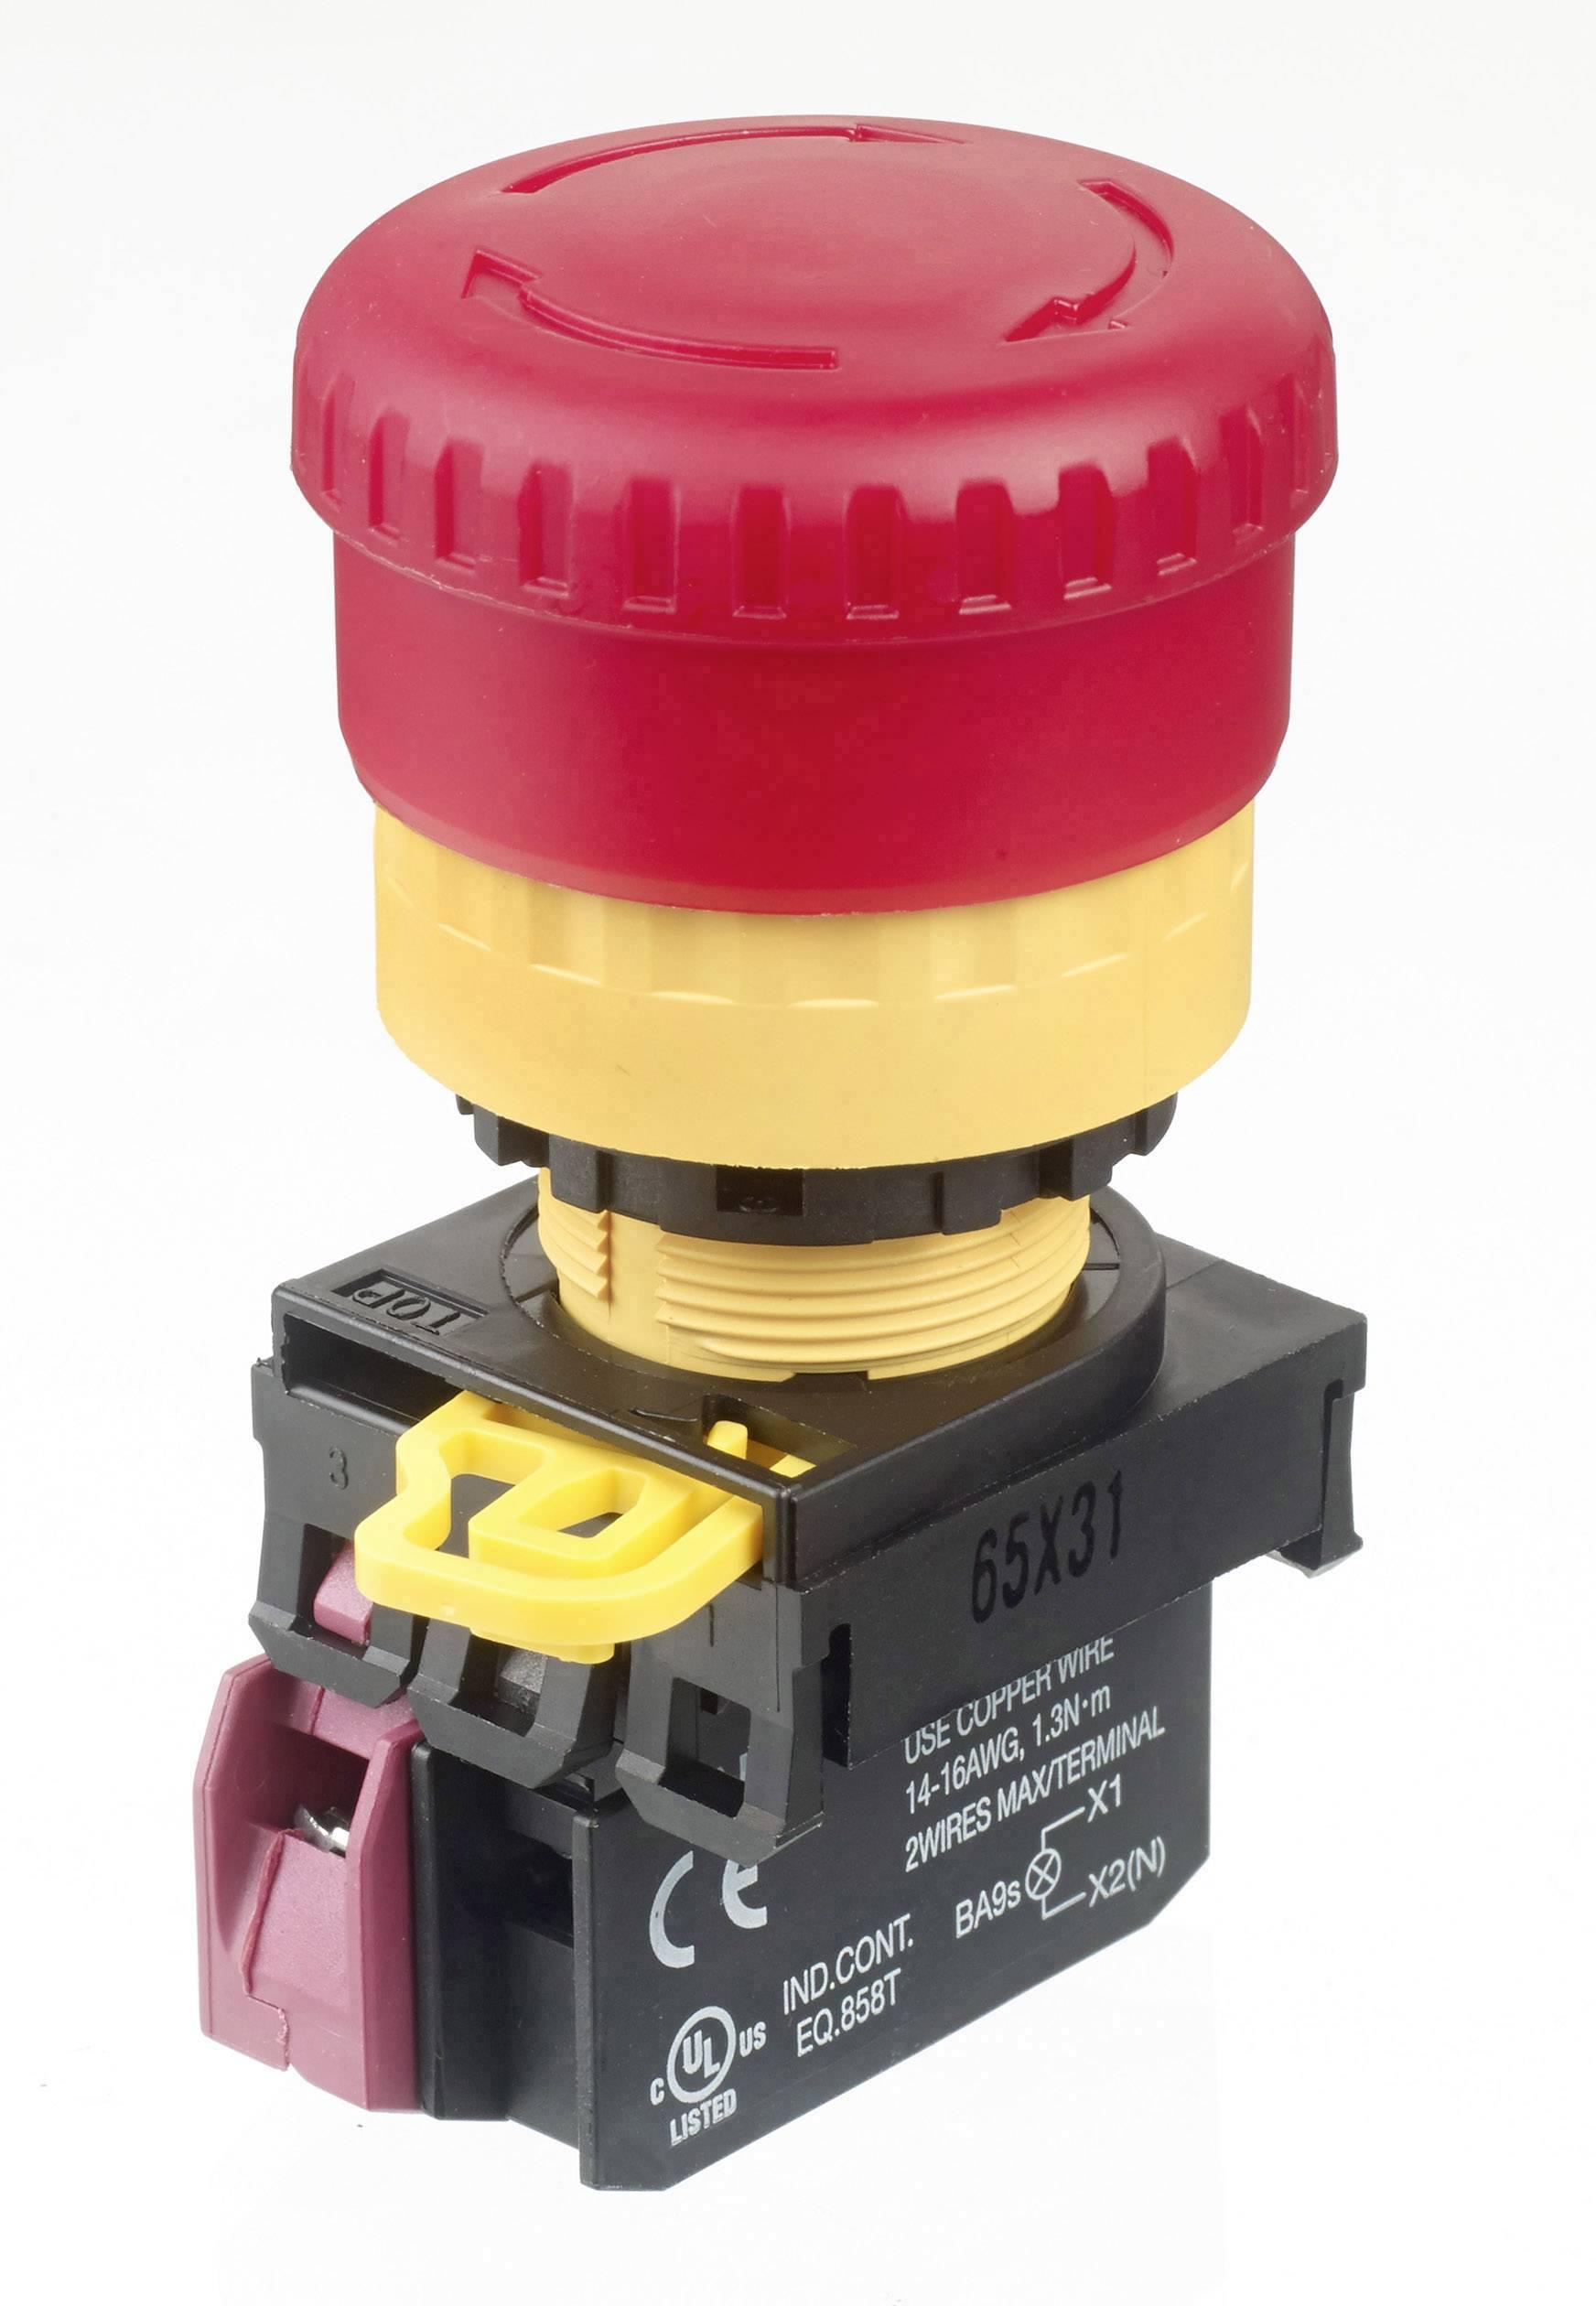 Núdzový vypínač APEM A02ESI4B101IR2, s možnosťou osvetlenia, 240 V/AC, 3 A